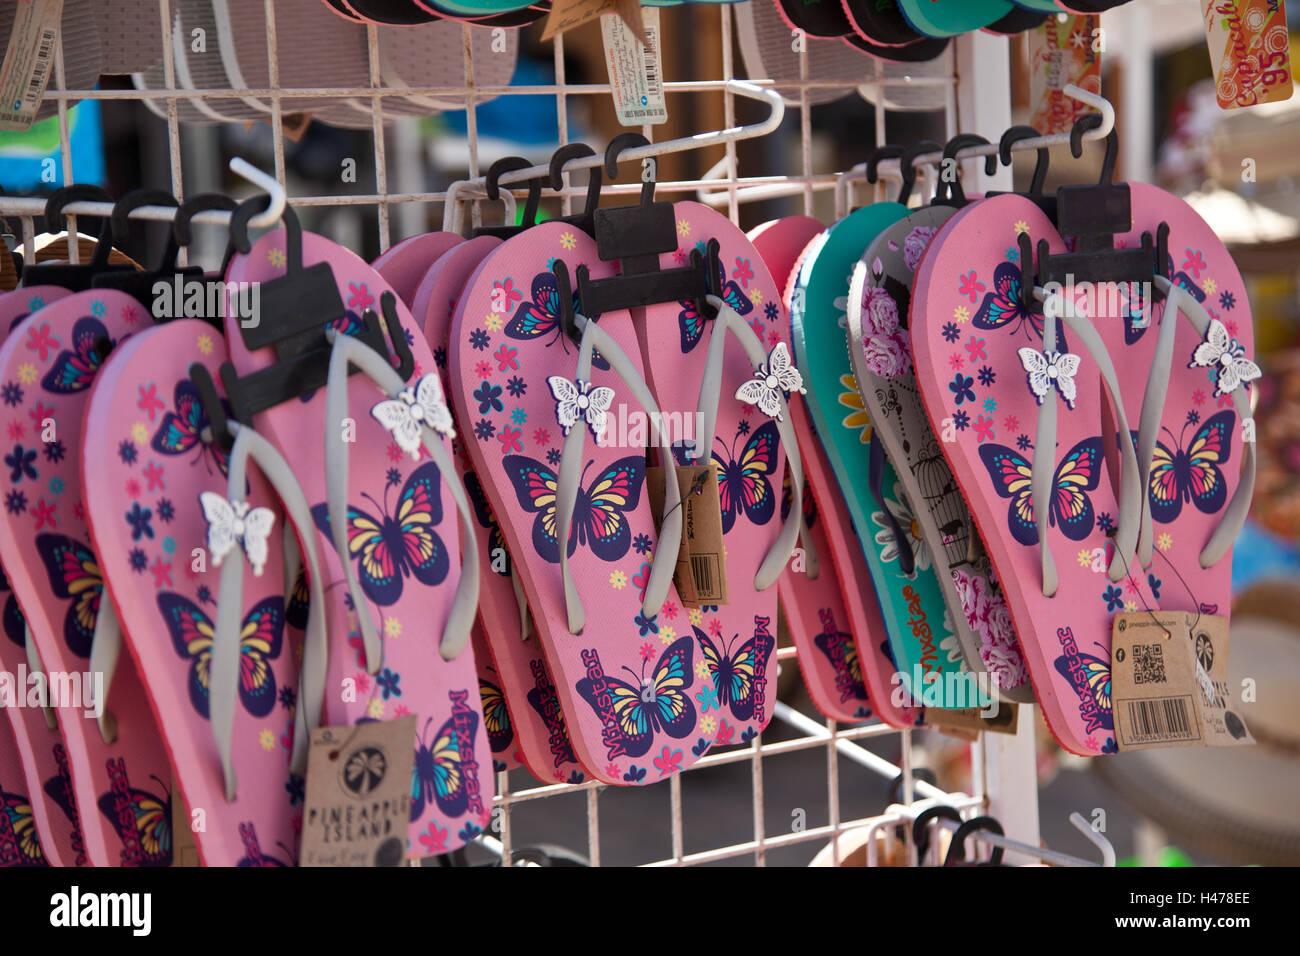 bb7eb9555b6e Flip Flop Shops Stock Photos   Flip Flop Shops Stock Images - Alamy